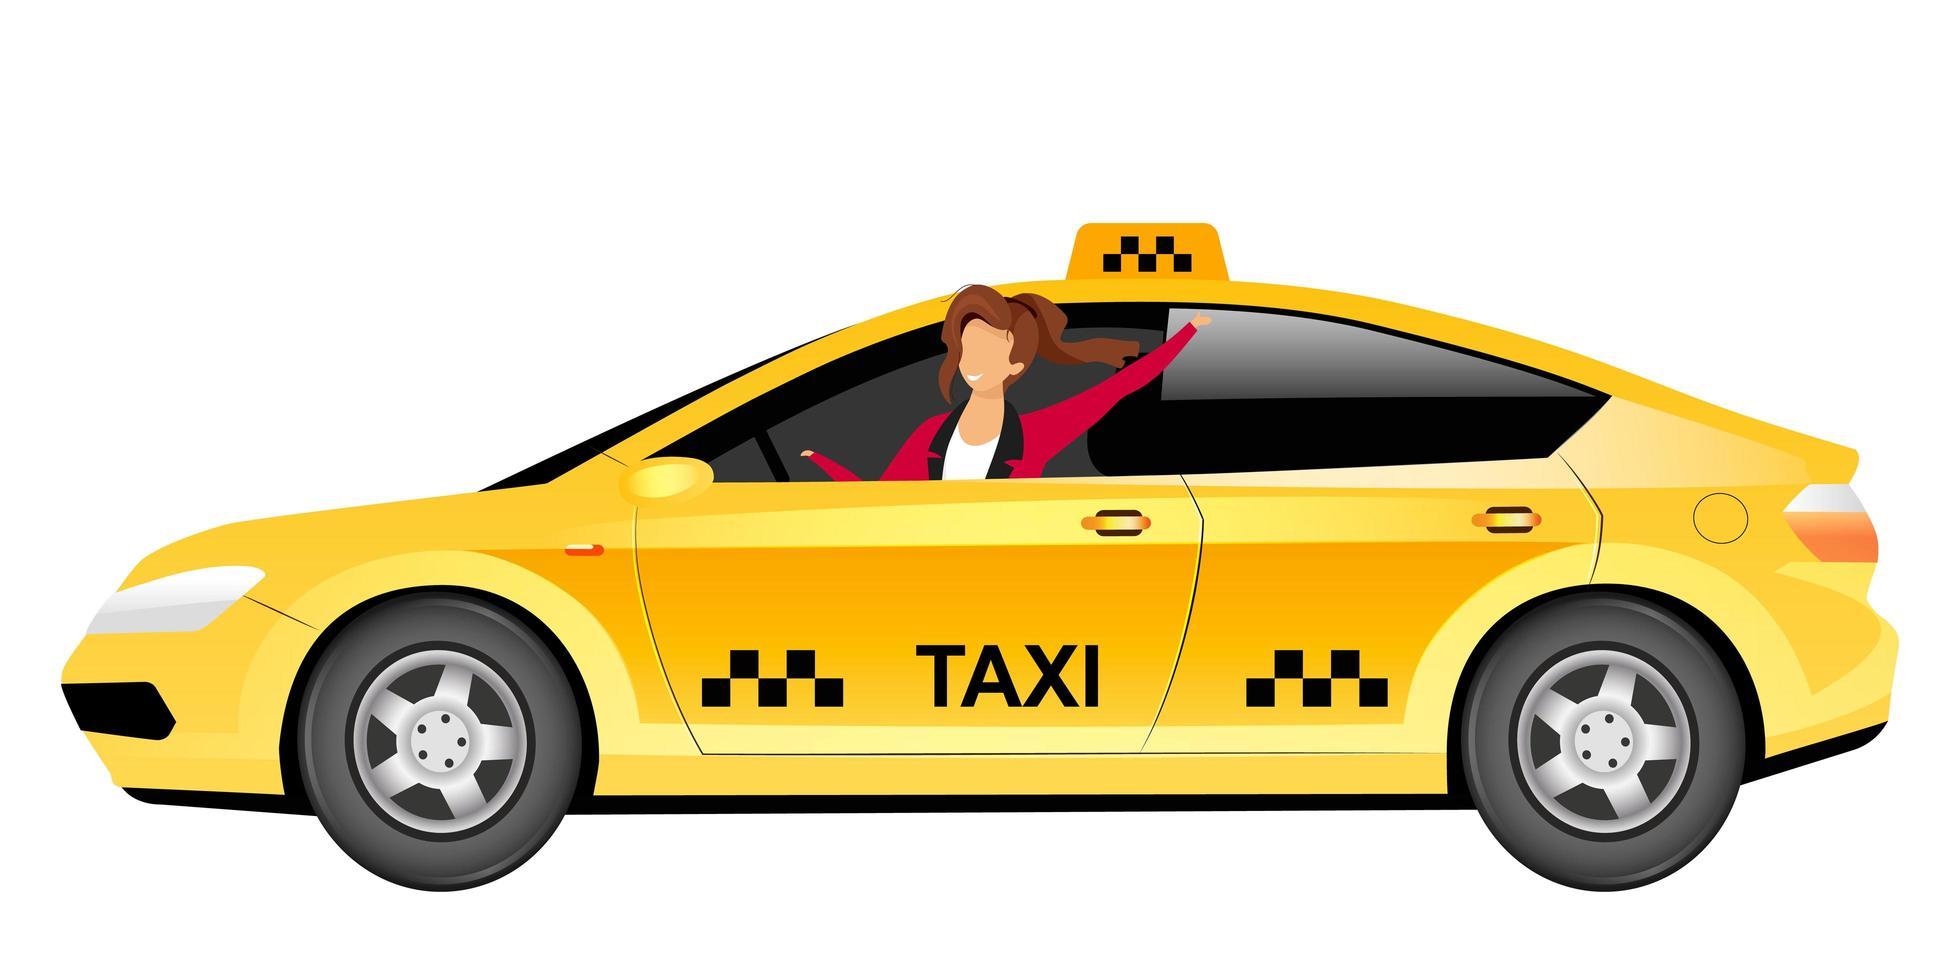 vrouwelijke taxichauffeur egale kleur vector anonieme karakter